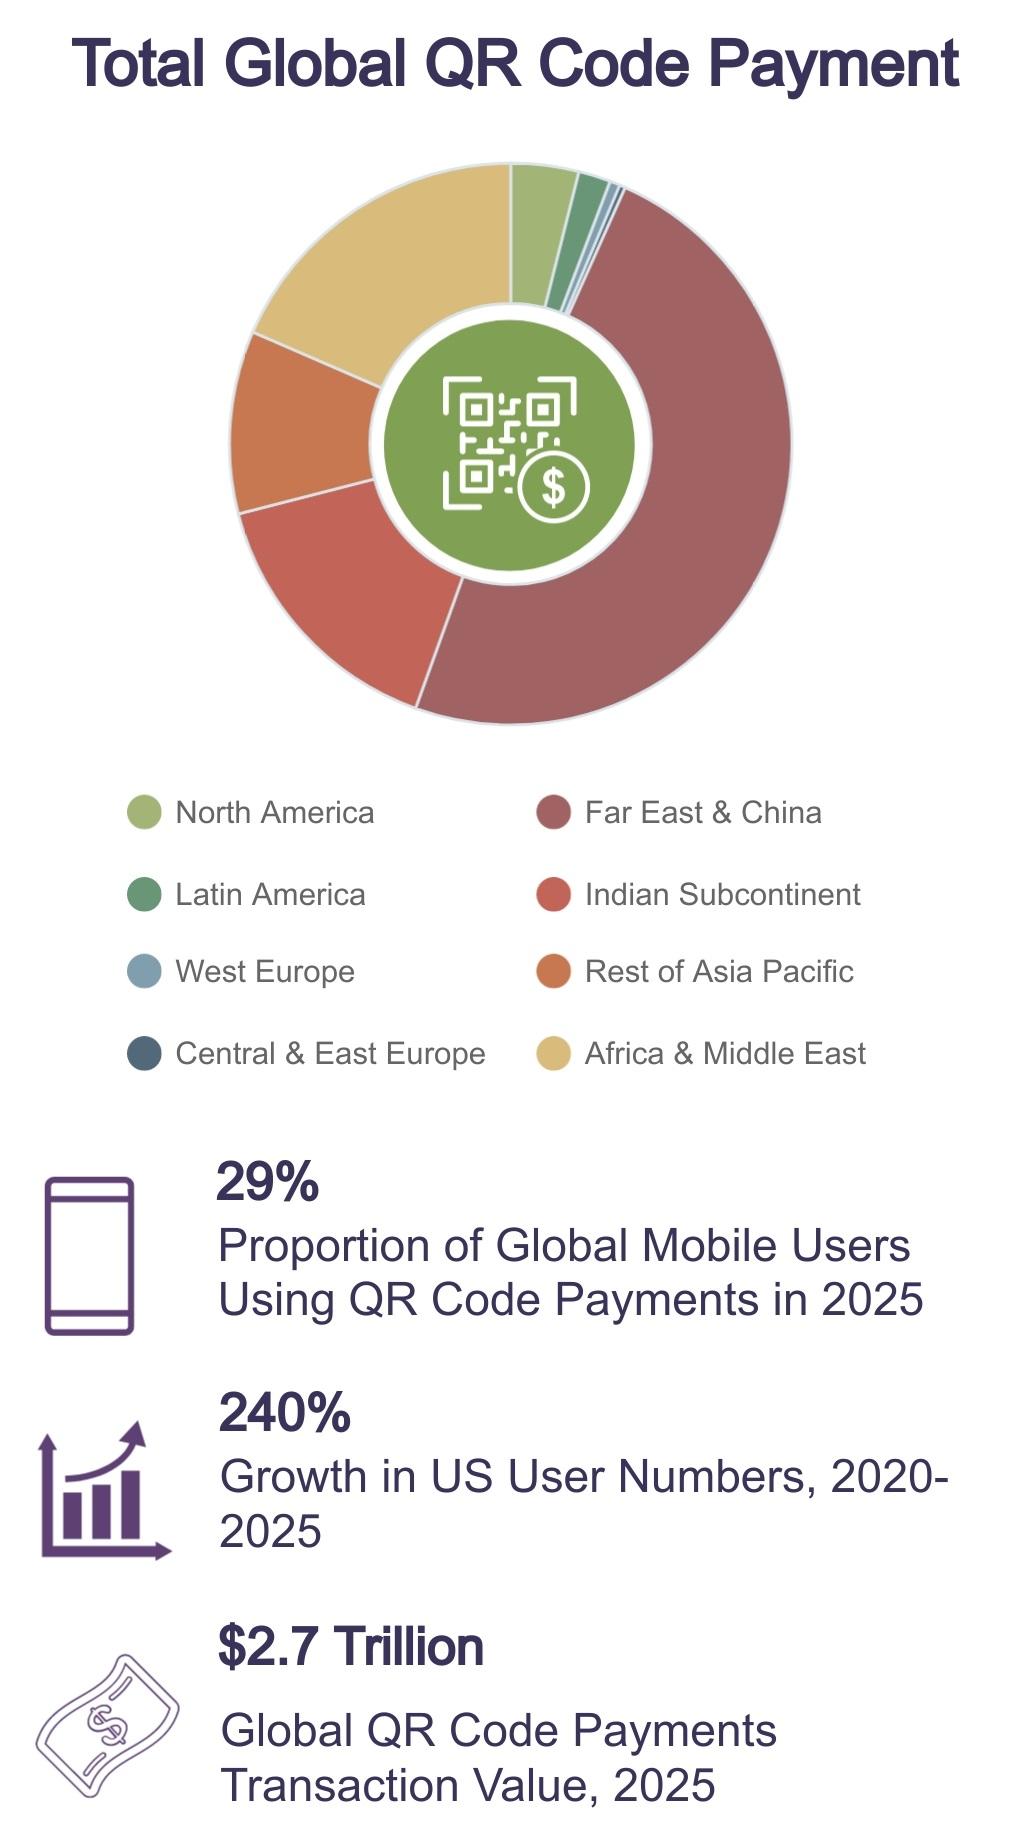 QR Codes in 2025